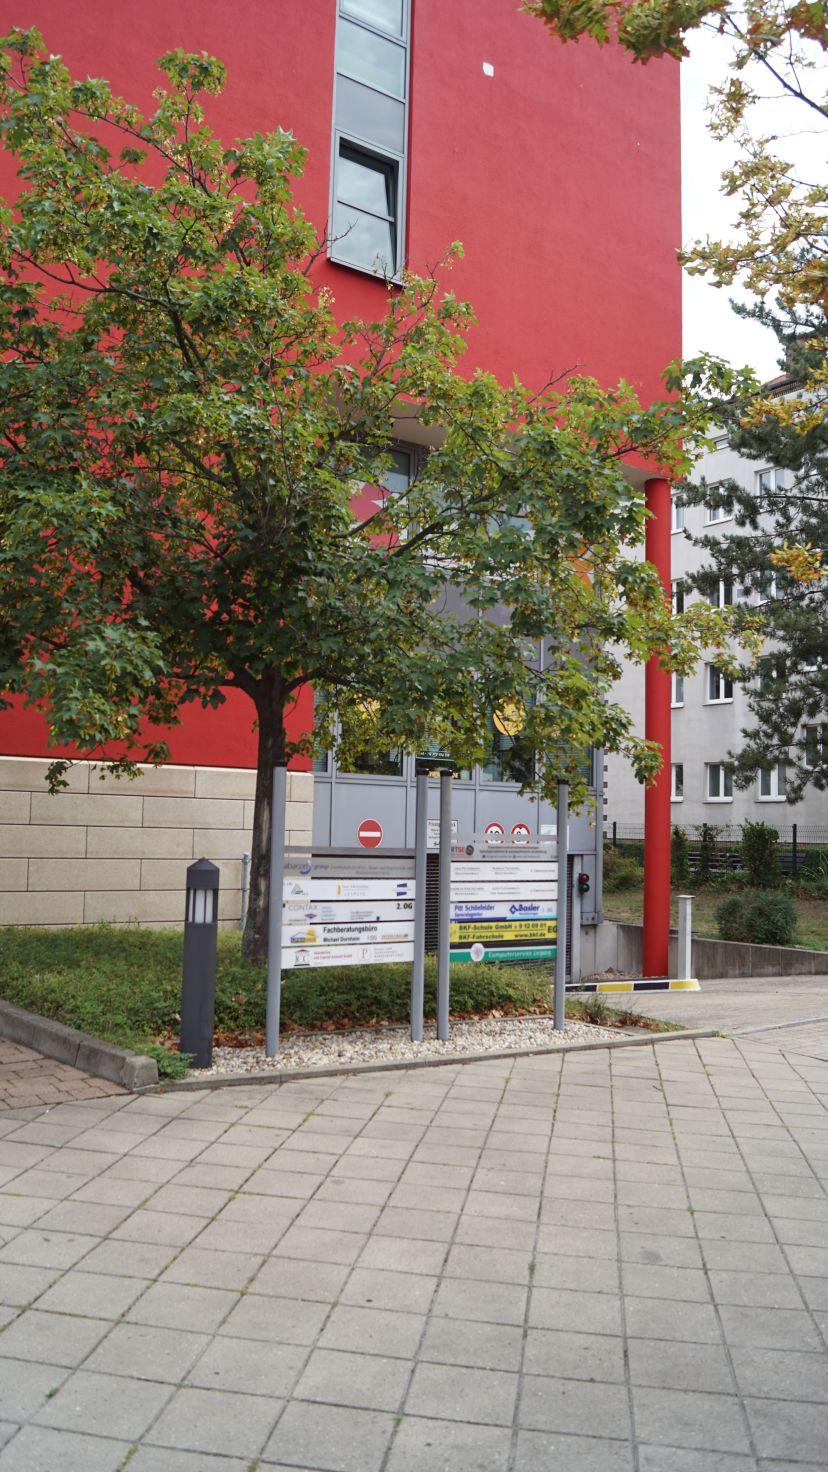 Fahrschule BKF-Fahrschule - Hartzstraße Leipzig Nord 2